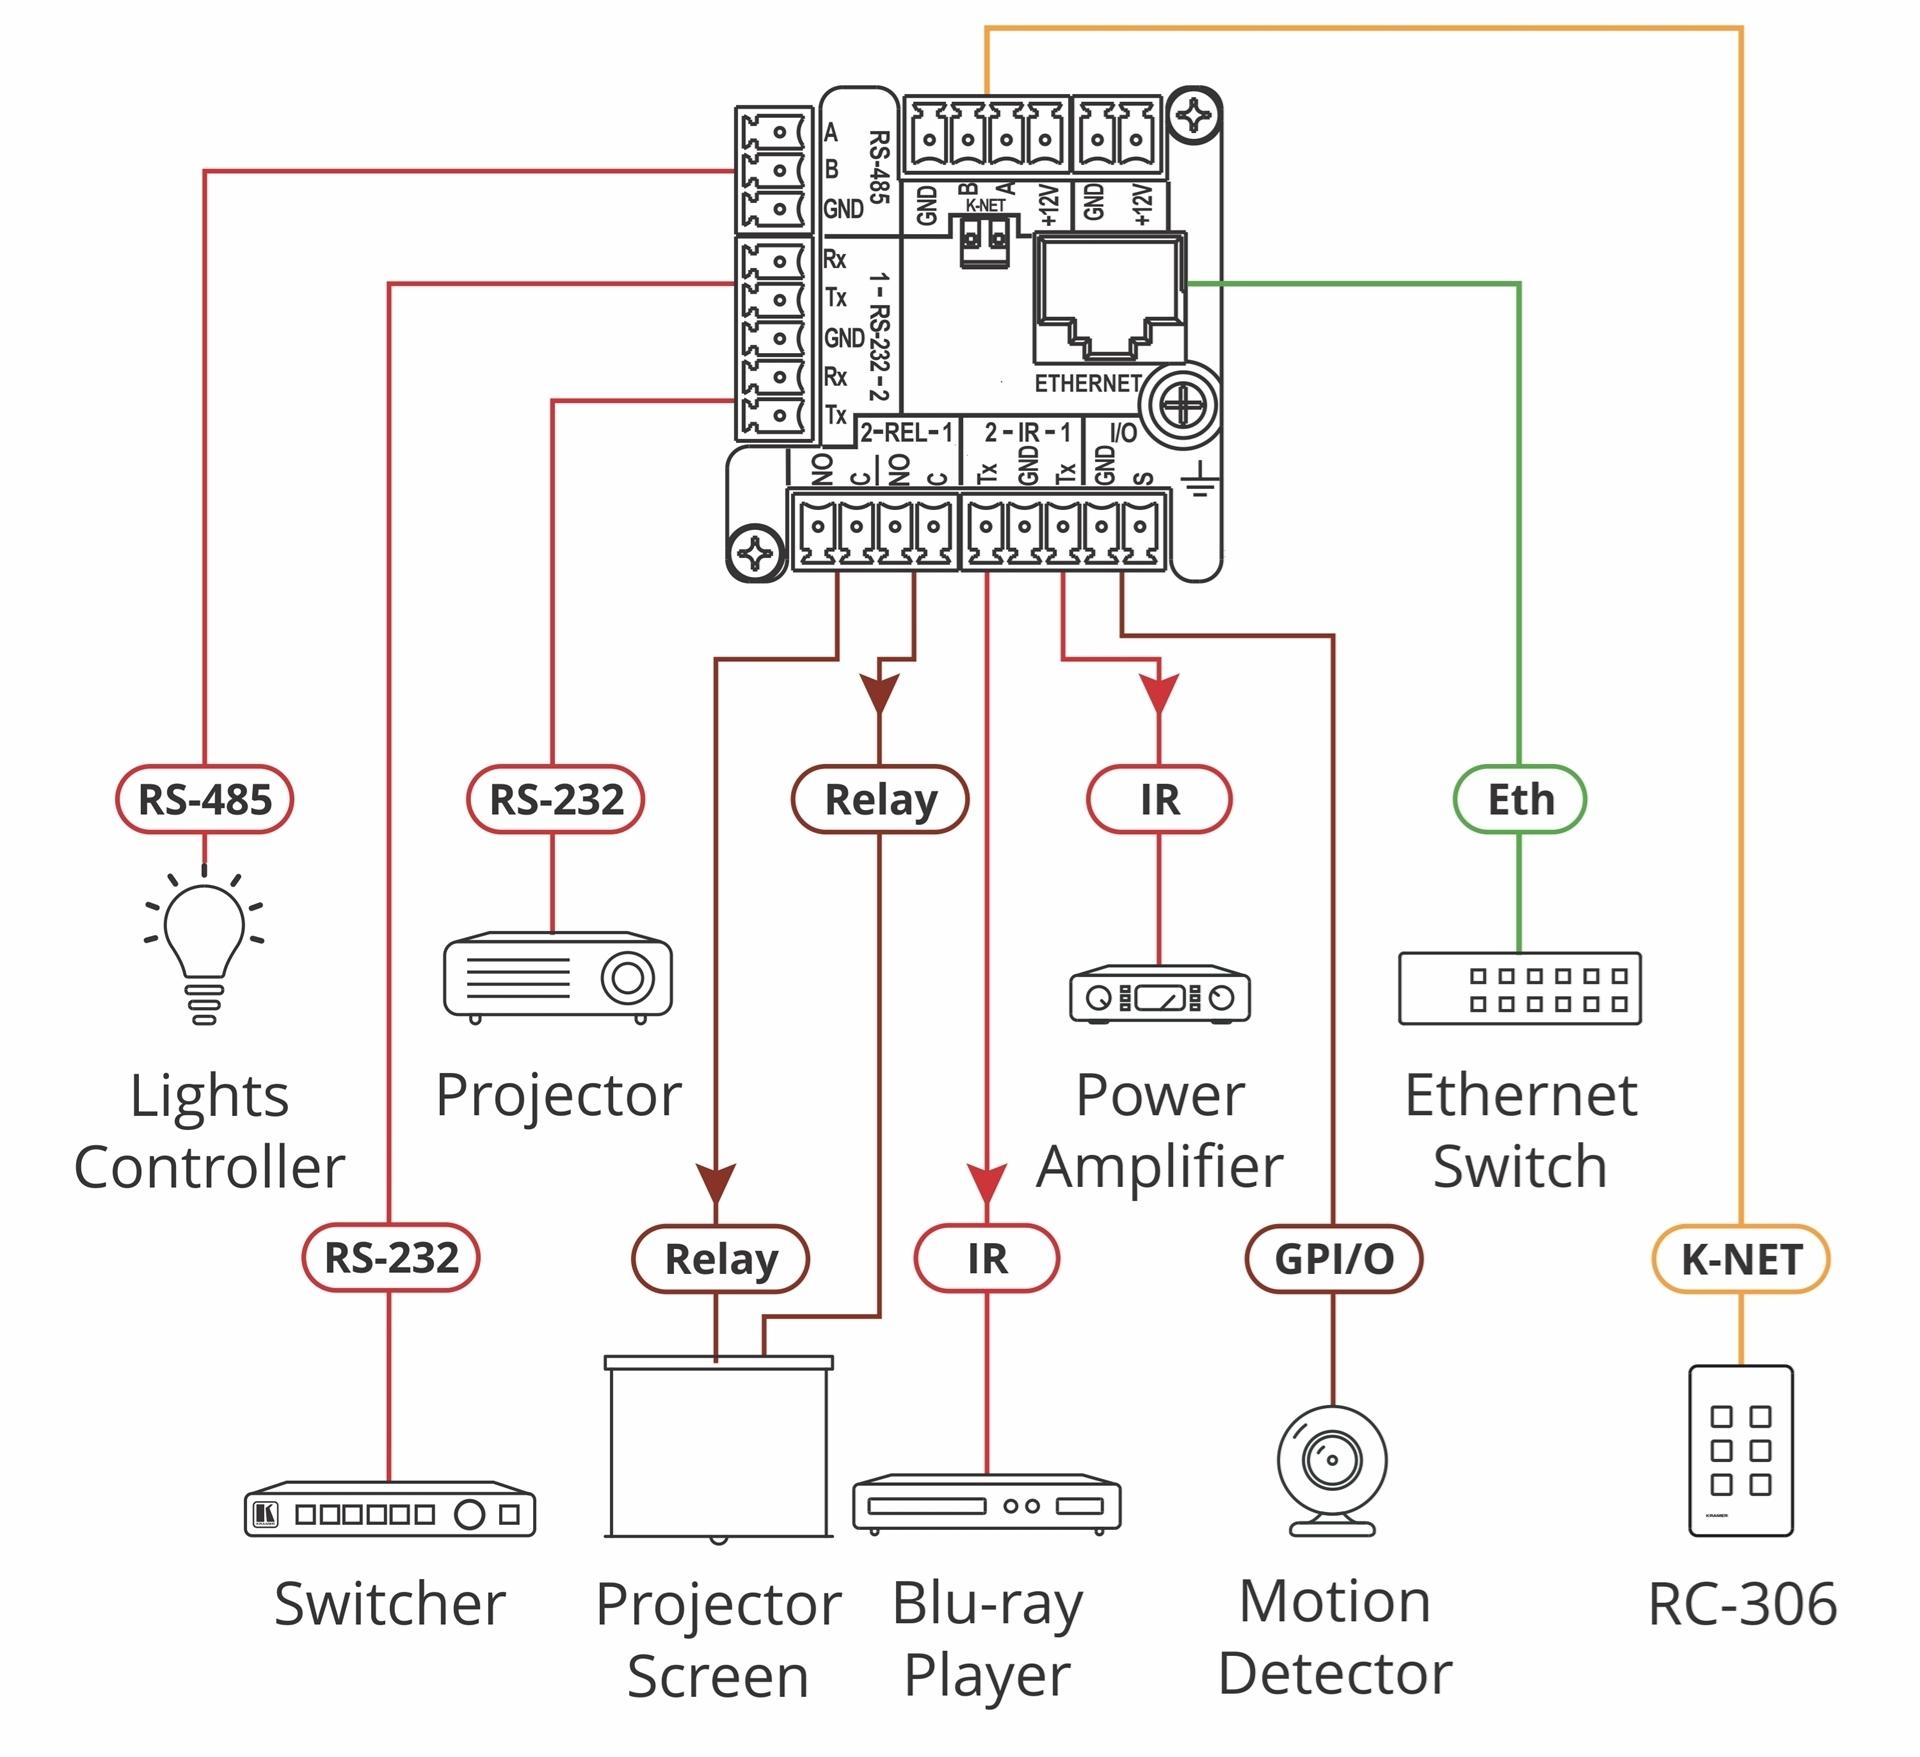 Kramer RC-308/EU-80/86(W) - Панель управления универсальная с 8 кнопками с PoE, исполнение для Европы